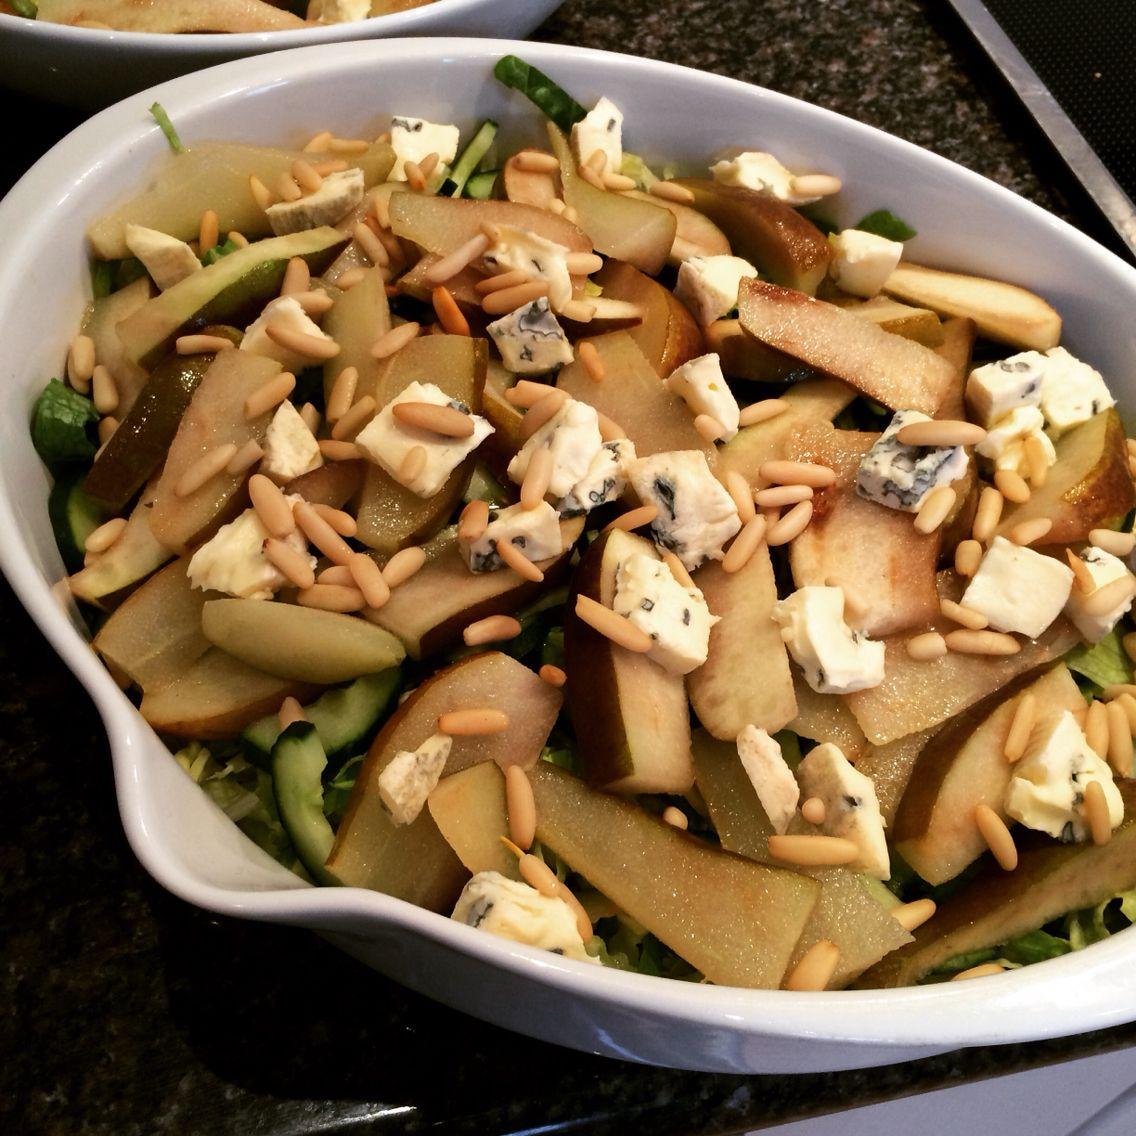 """Så er det salat til """"Nabo-logen""""  #romainesalat #akurk #stegtepærer #gorgonzola #pinjekerner #lovecooking #homemade #hvadskalvispisetilaften"""